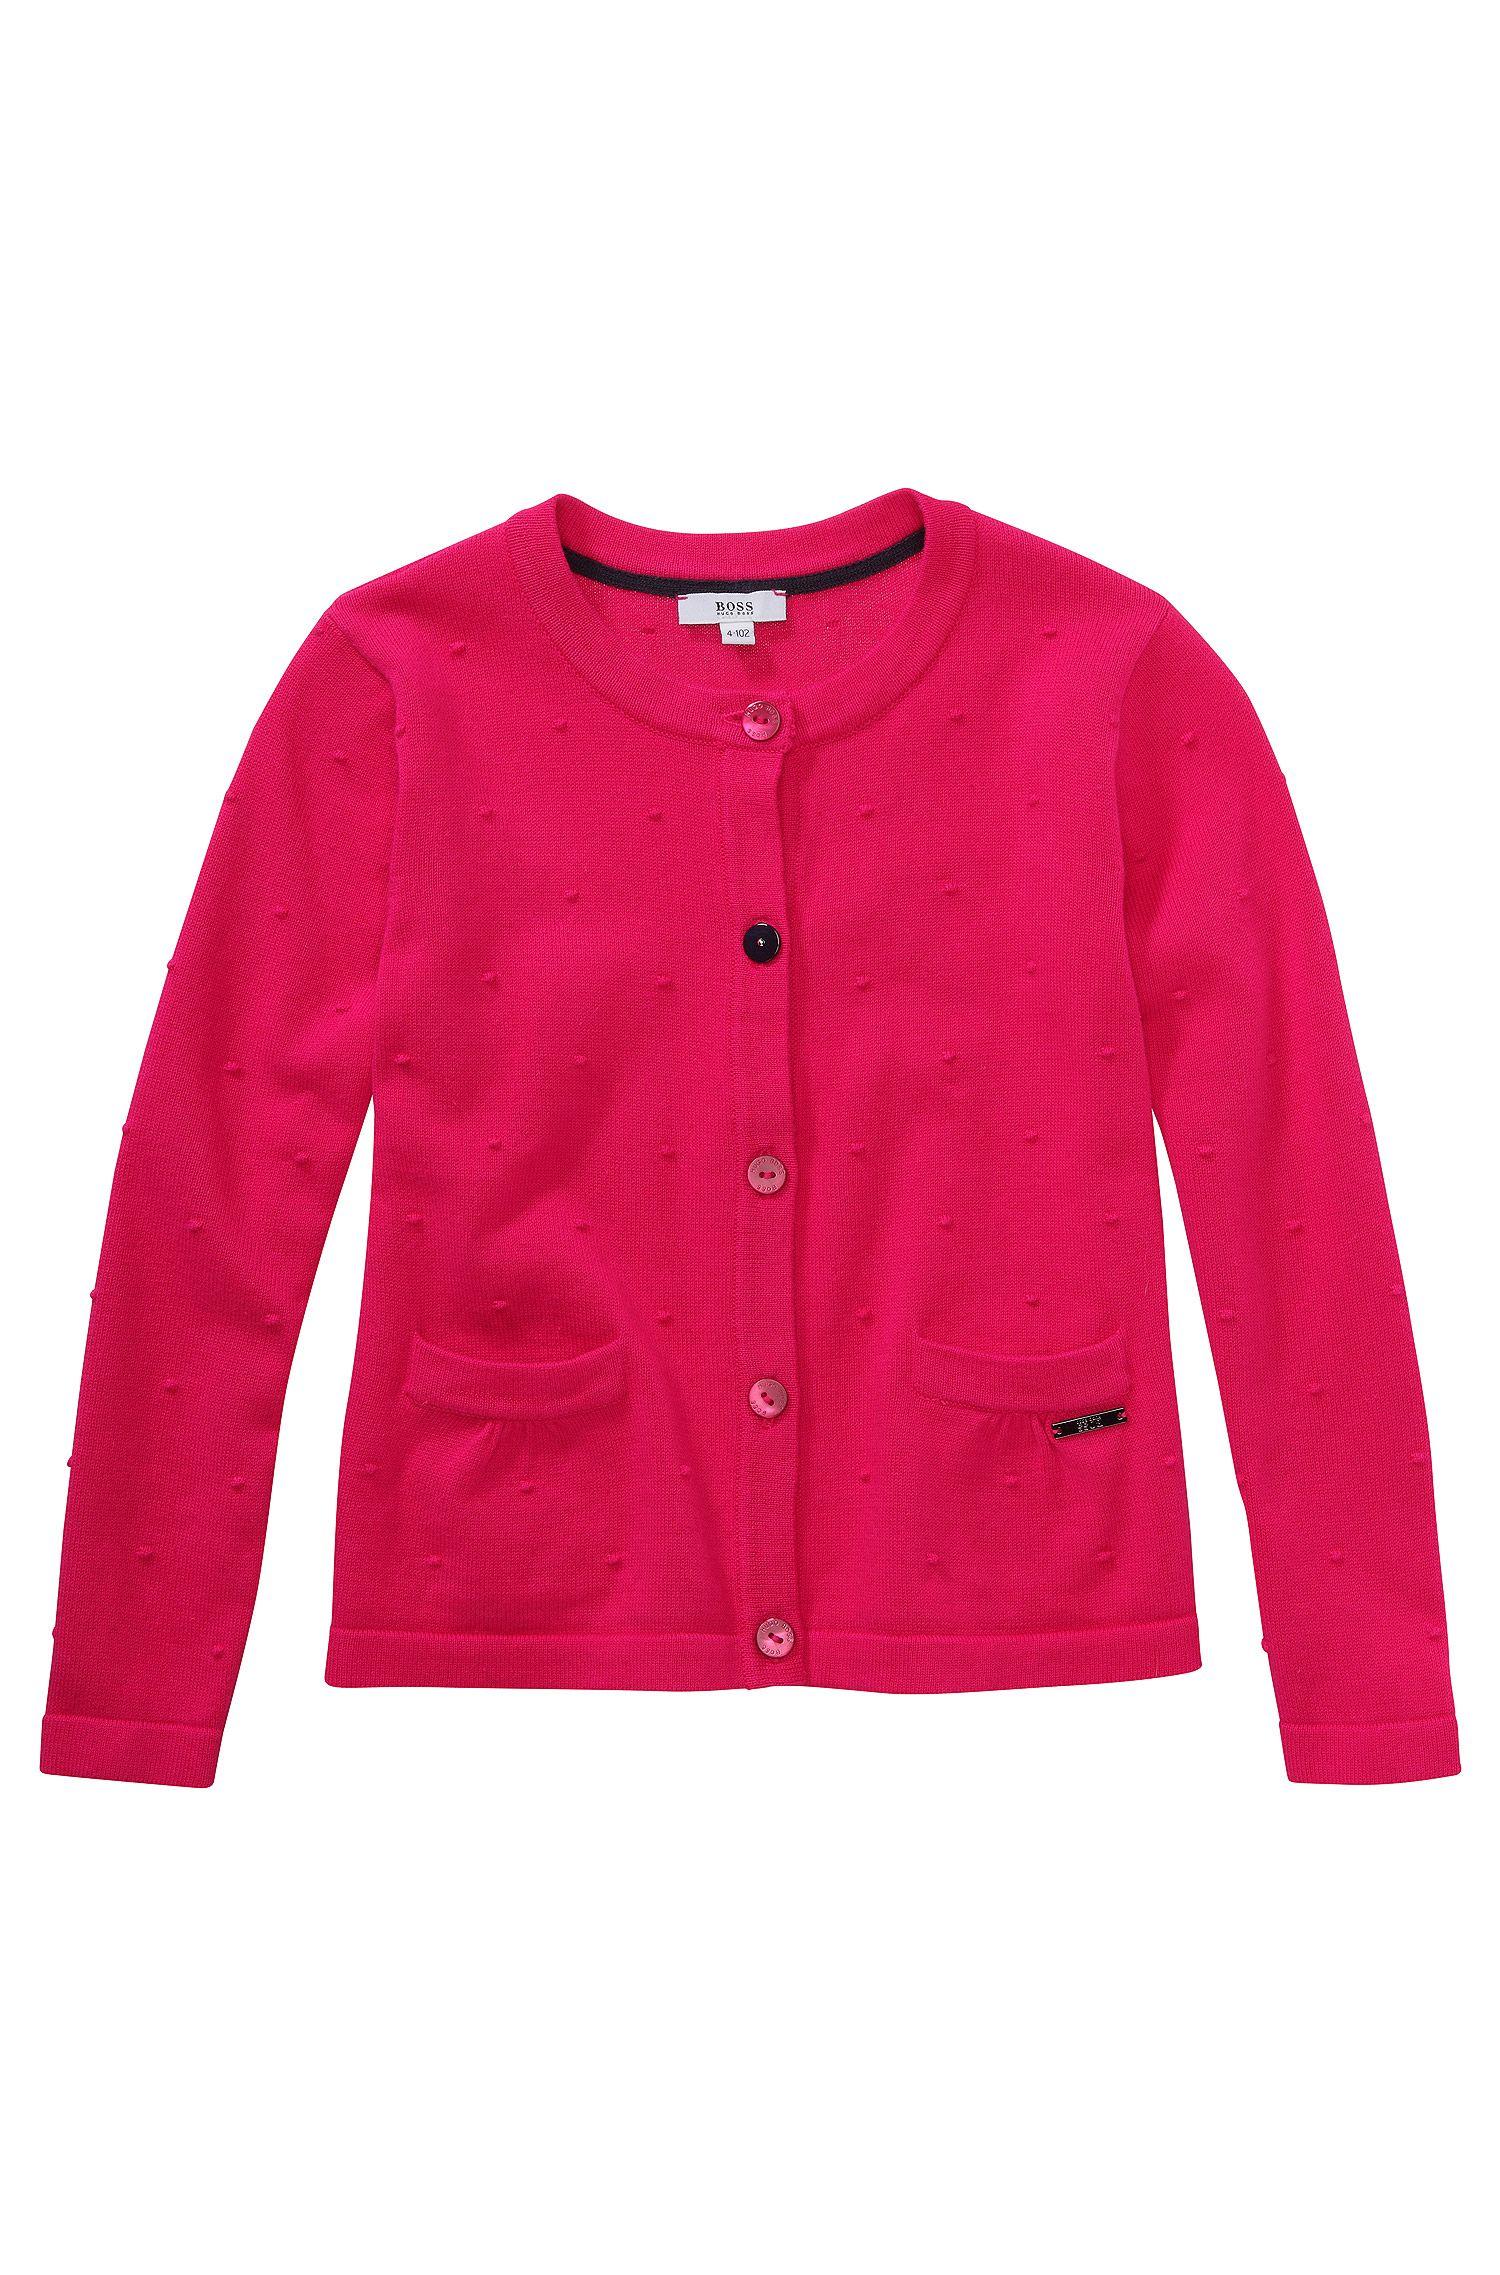 Veste en maille pour enfant «J15288» en coton